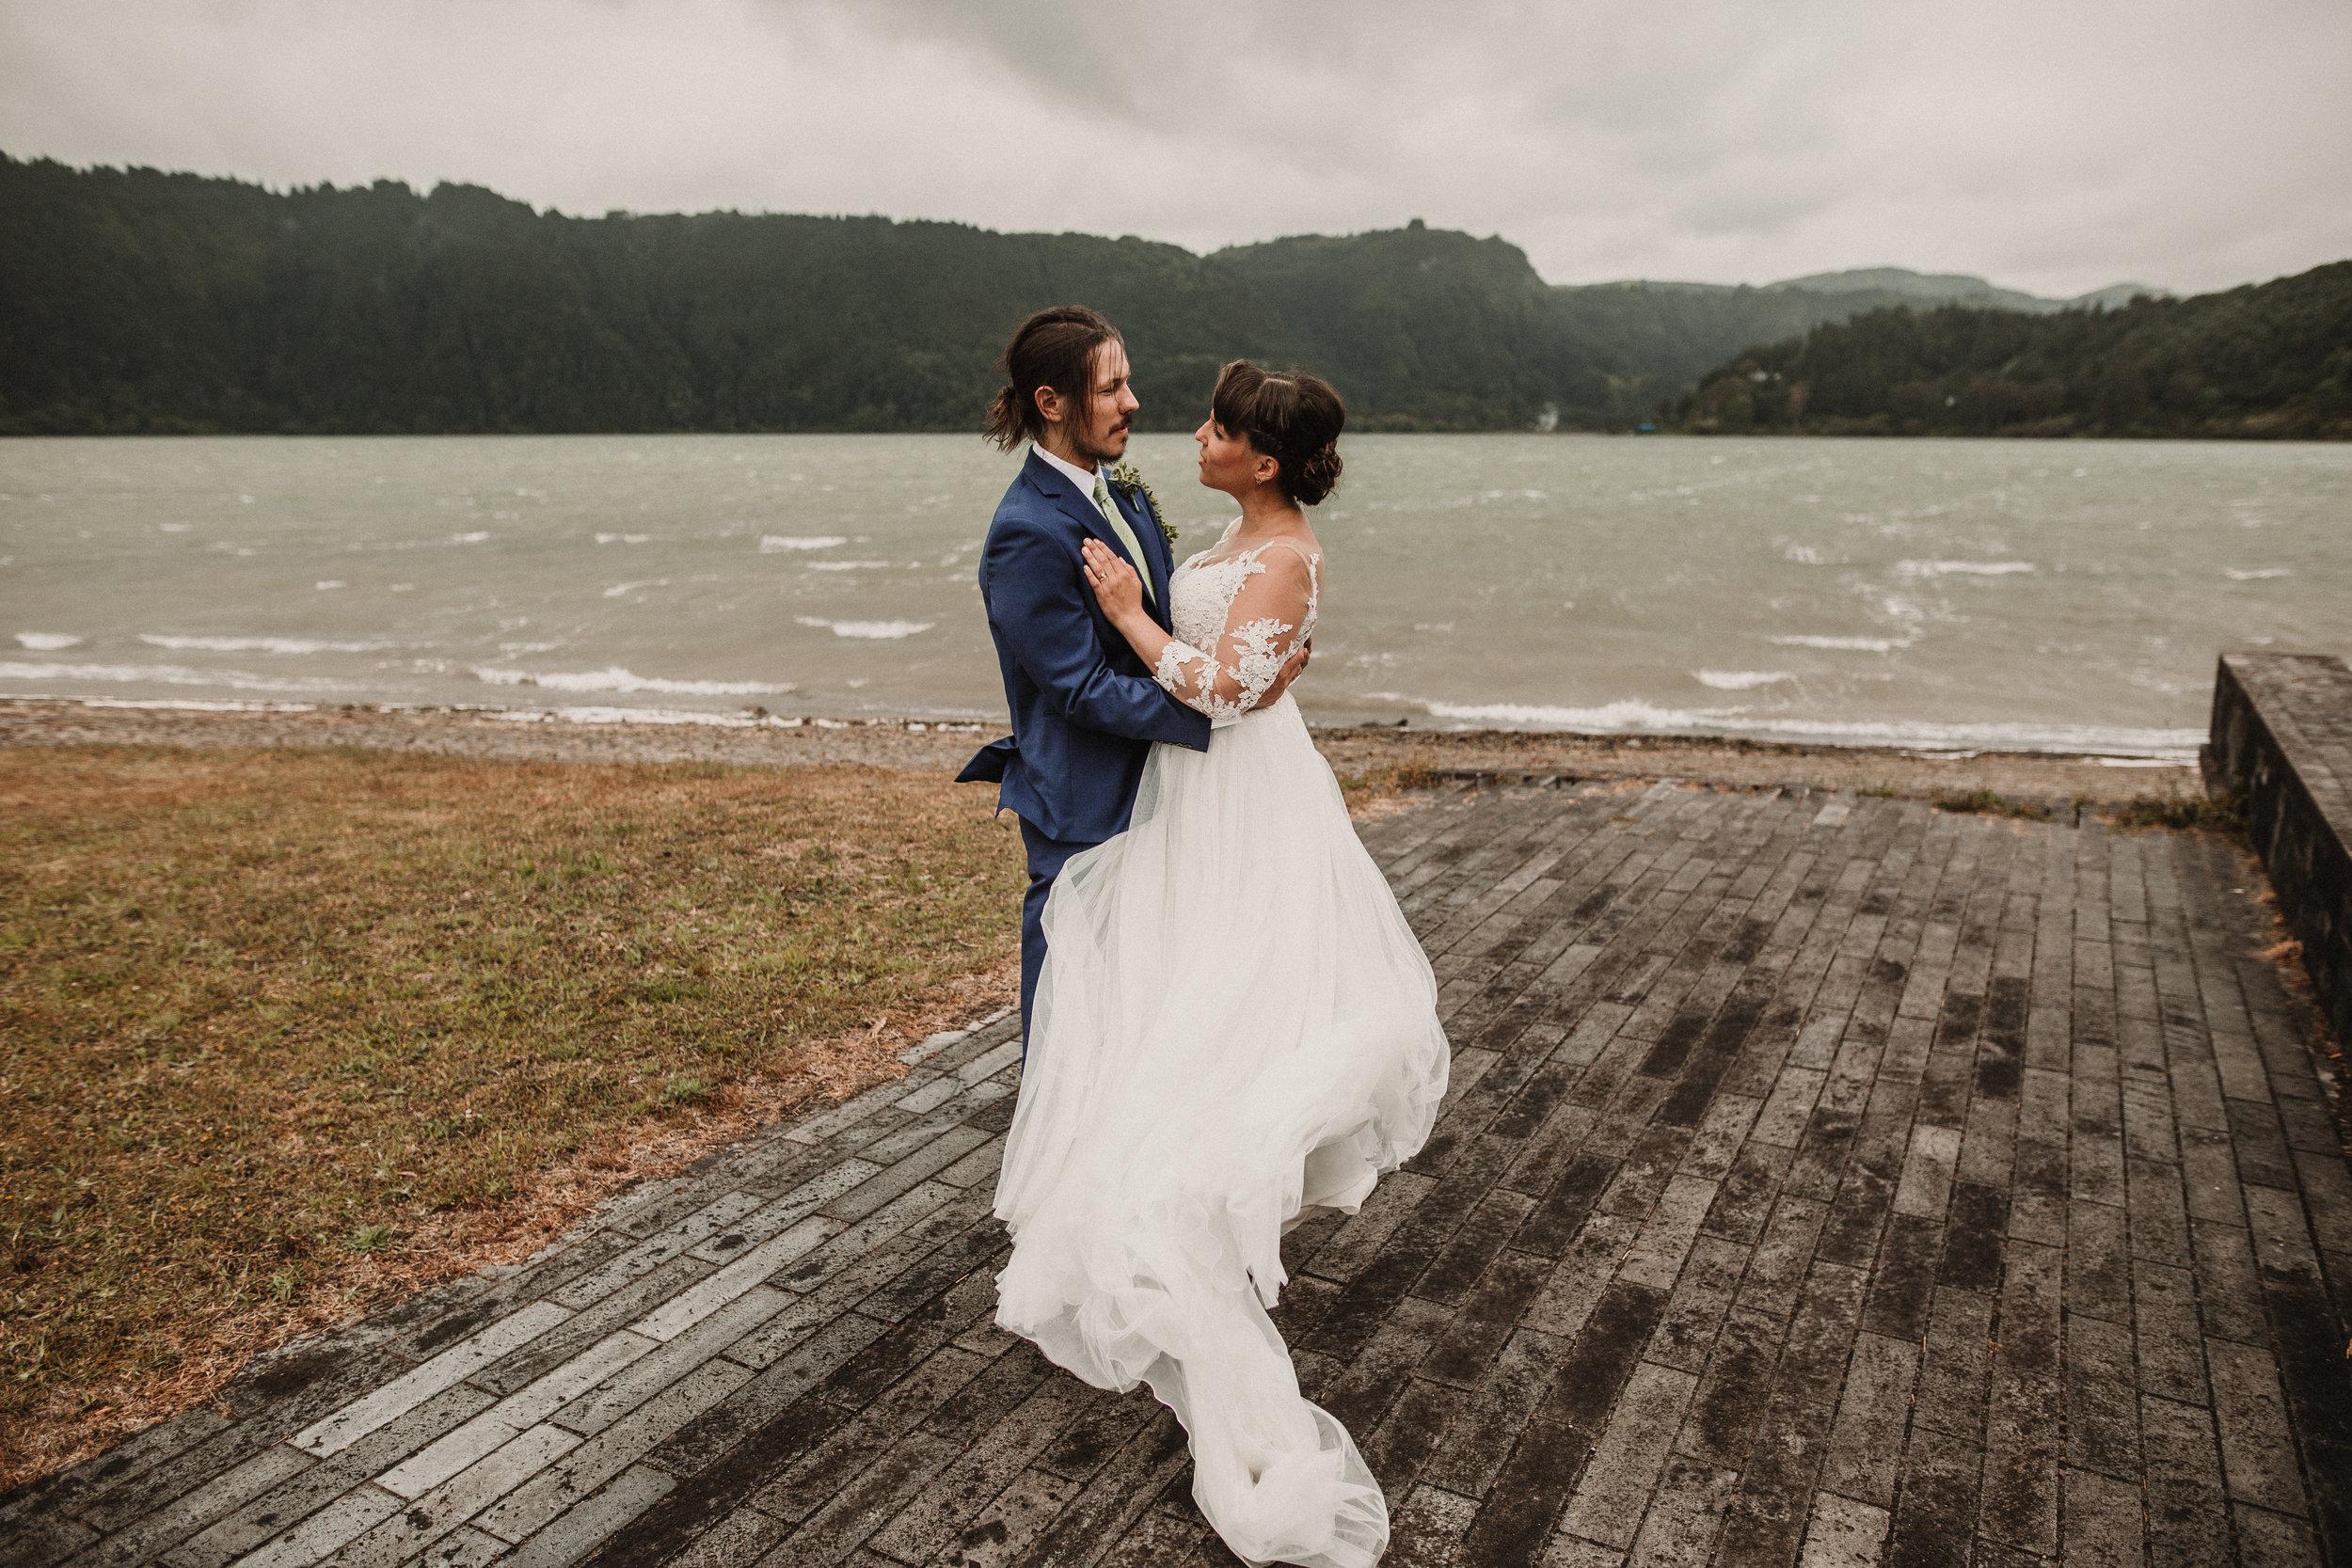 S&E_437_ 30_junho_2018 WEDDING_DAY.jpg